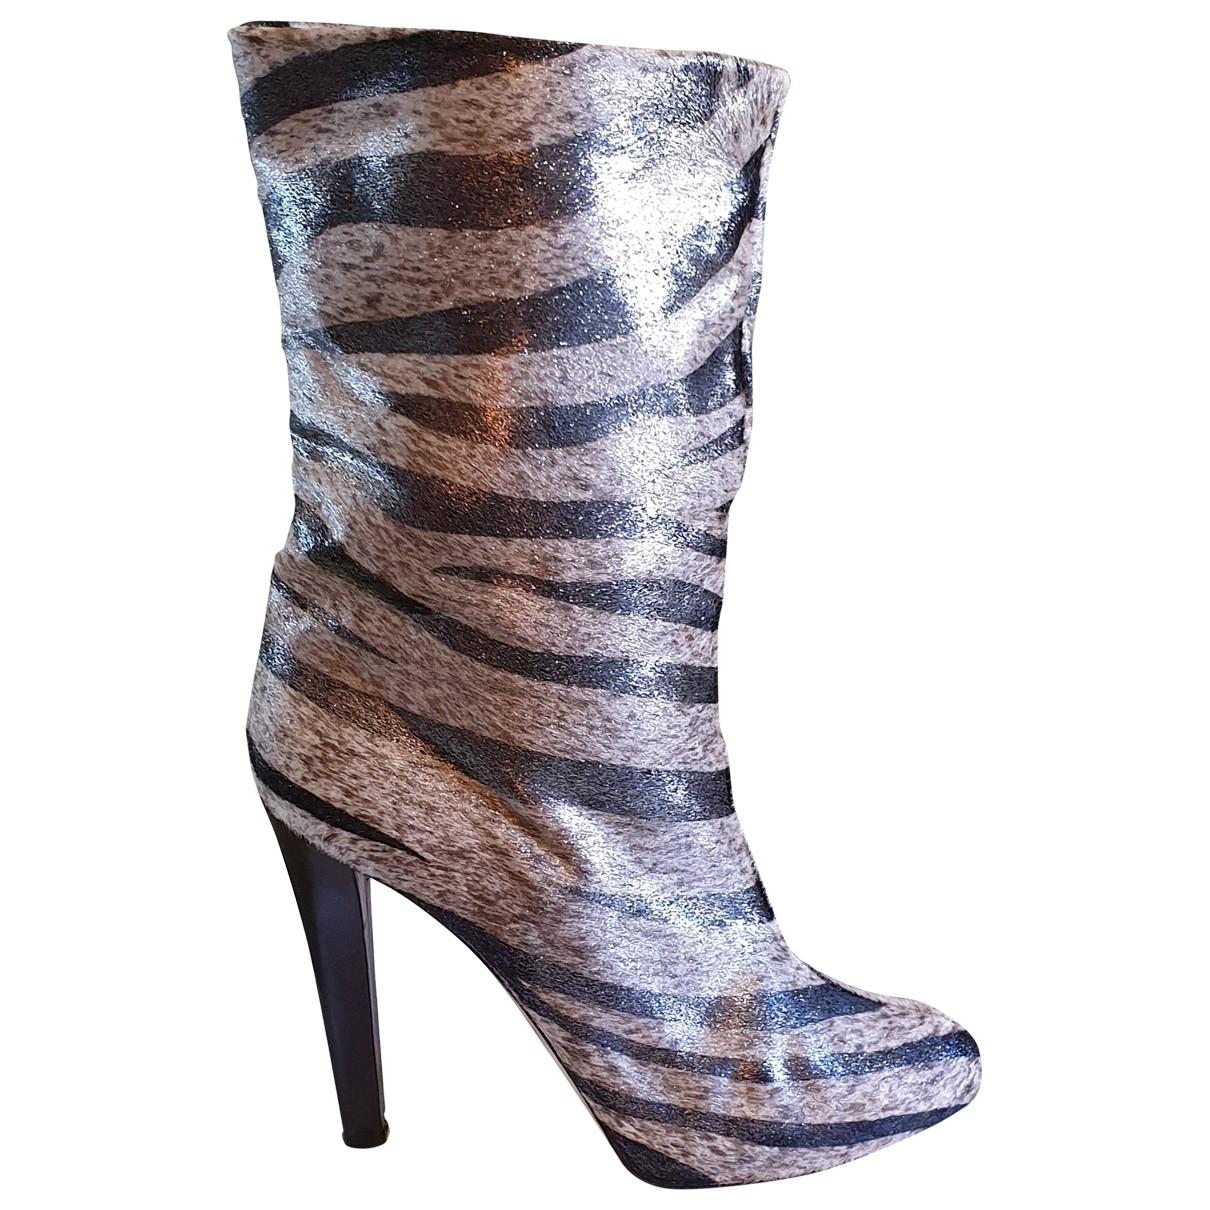 Blumarine - Boots   pour femme en veau facon poulain - multicolore